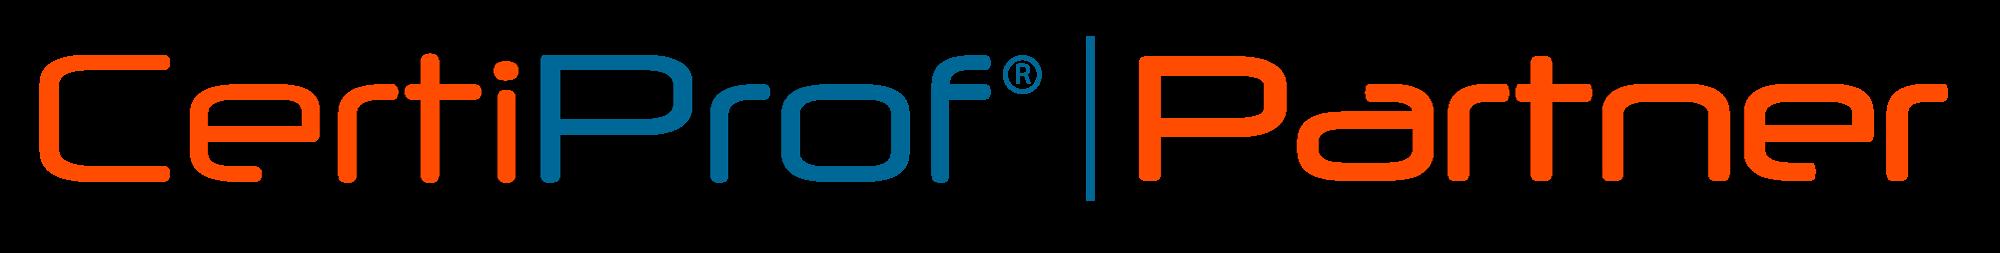 certiprof logo CertiProf® Partner Cursos y certificados internacionales Guayaquil Ecuador